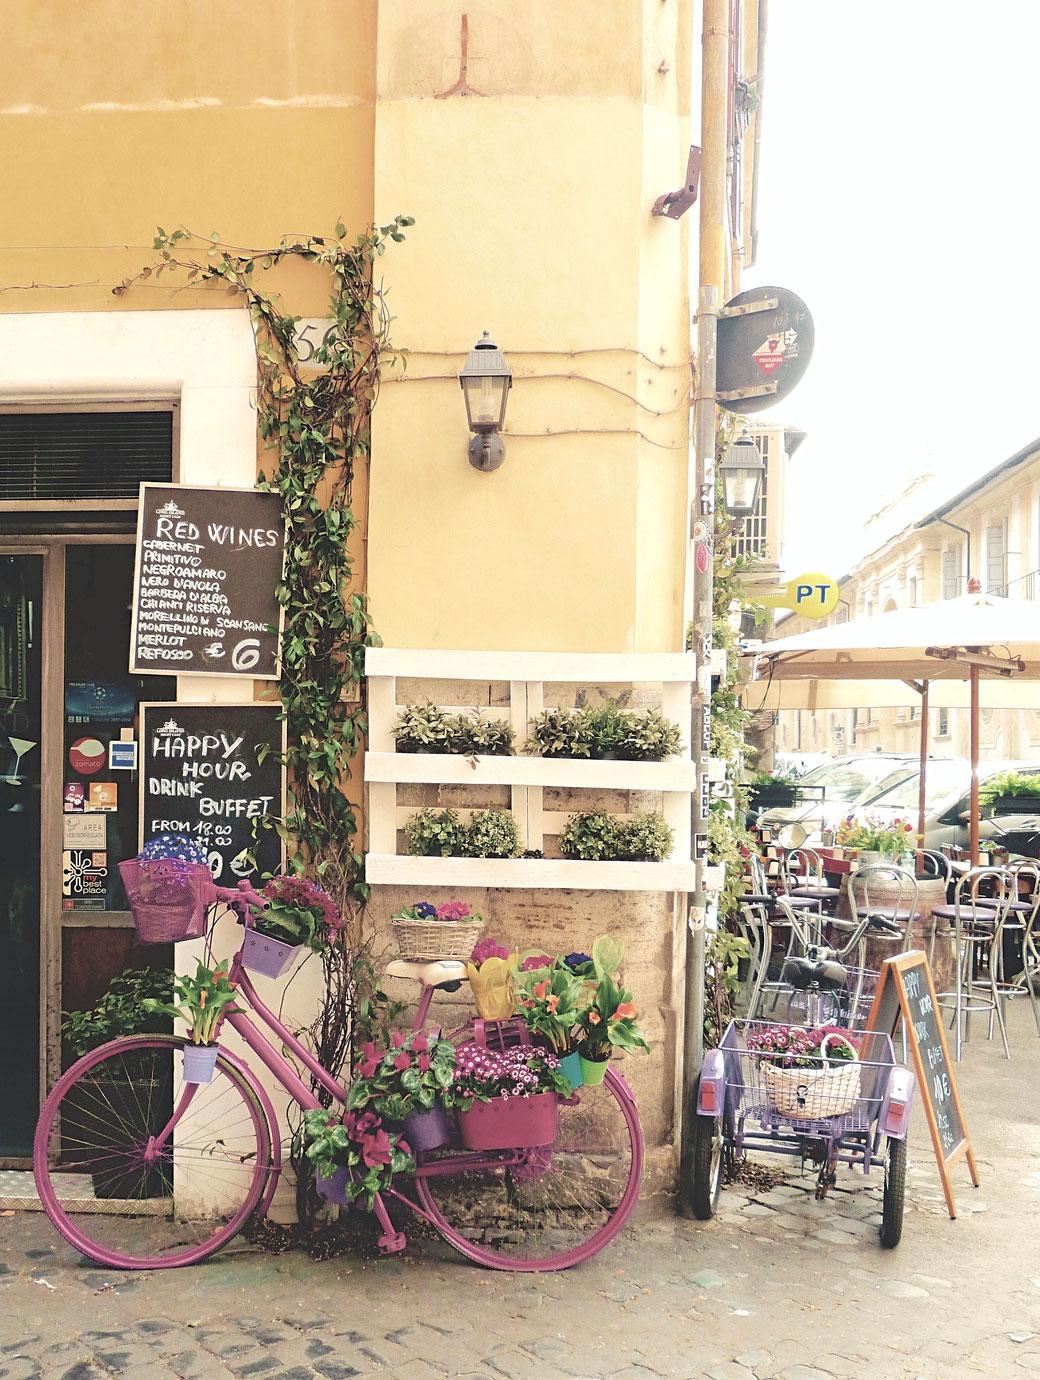 Straßenschmuck in Trastevere - Nicht an jeder Ecke bemüht sich das Viertel so farbenforh um die eigene Klischee-Erfüllung